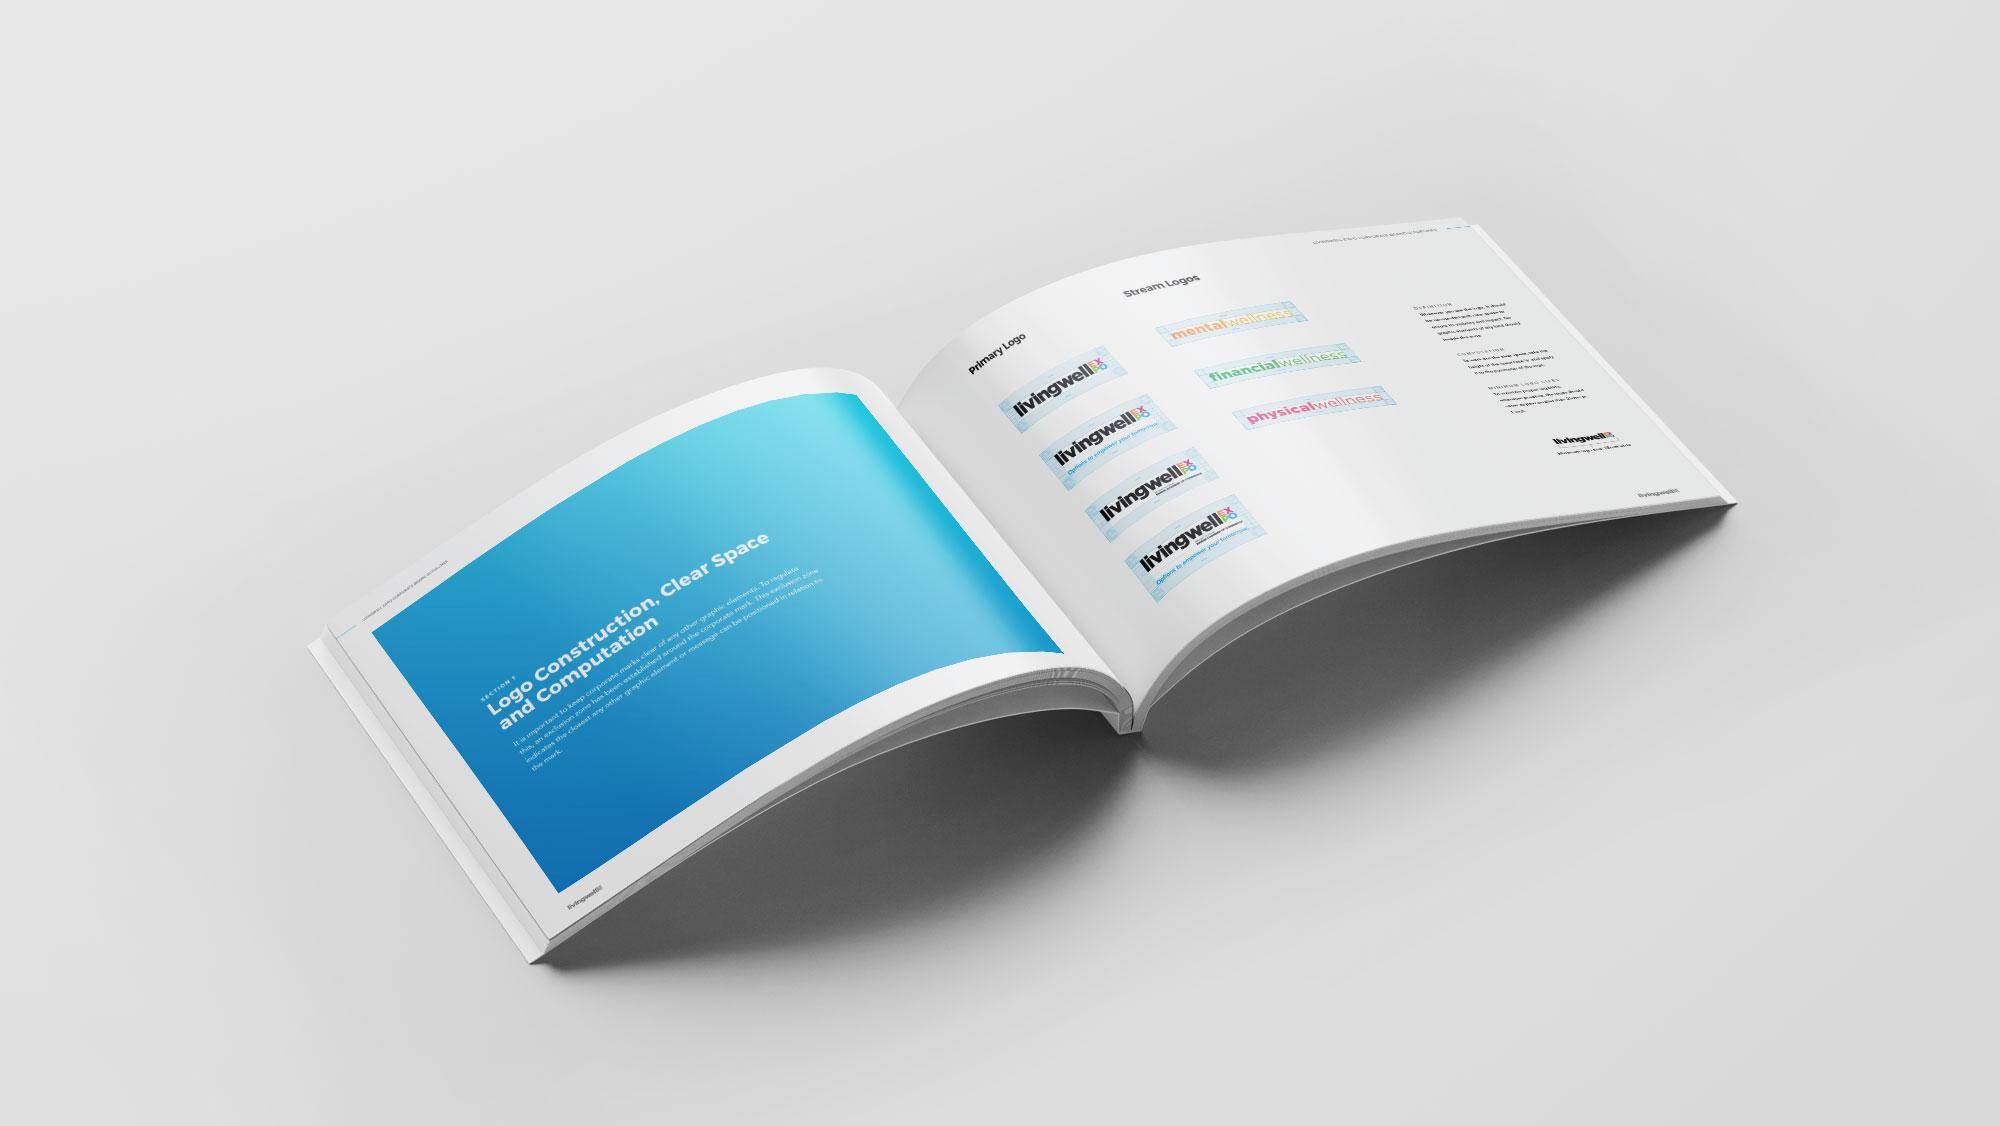 Brand Style Guide Design